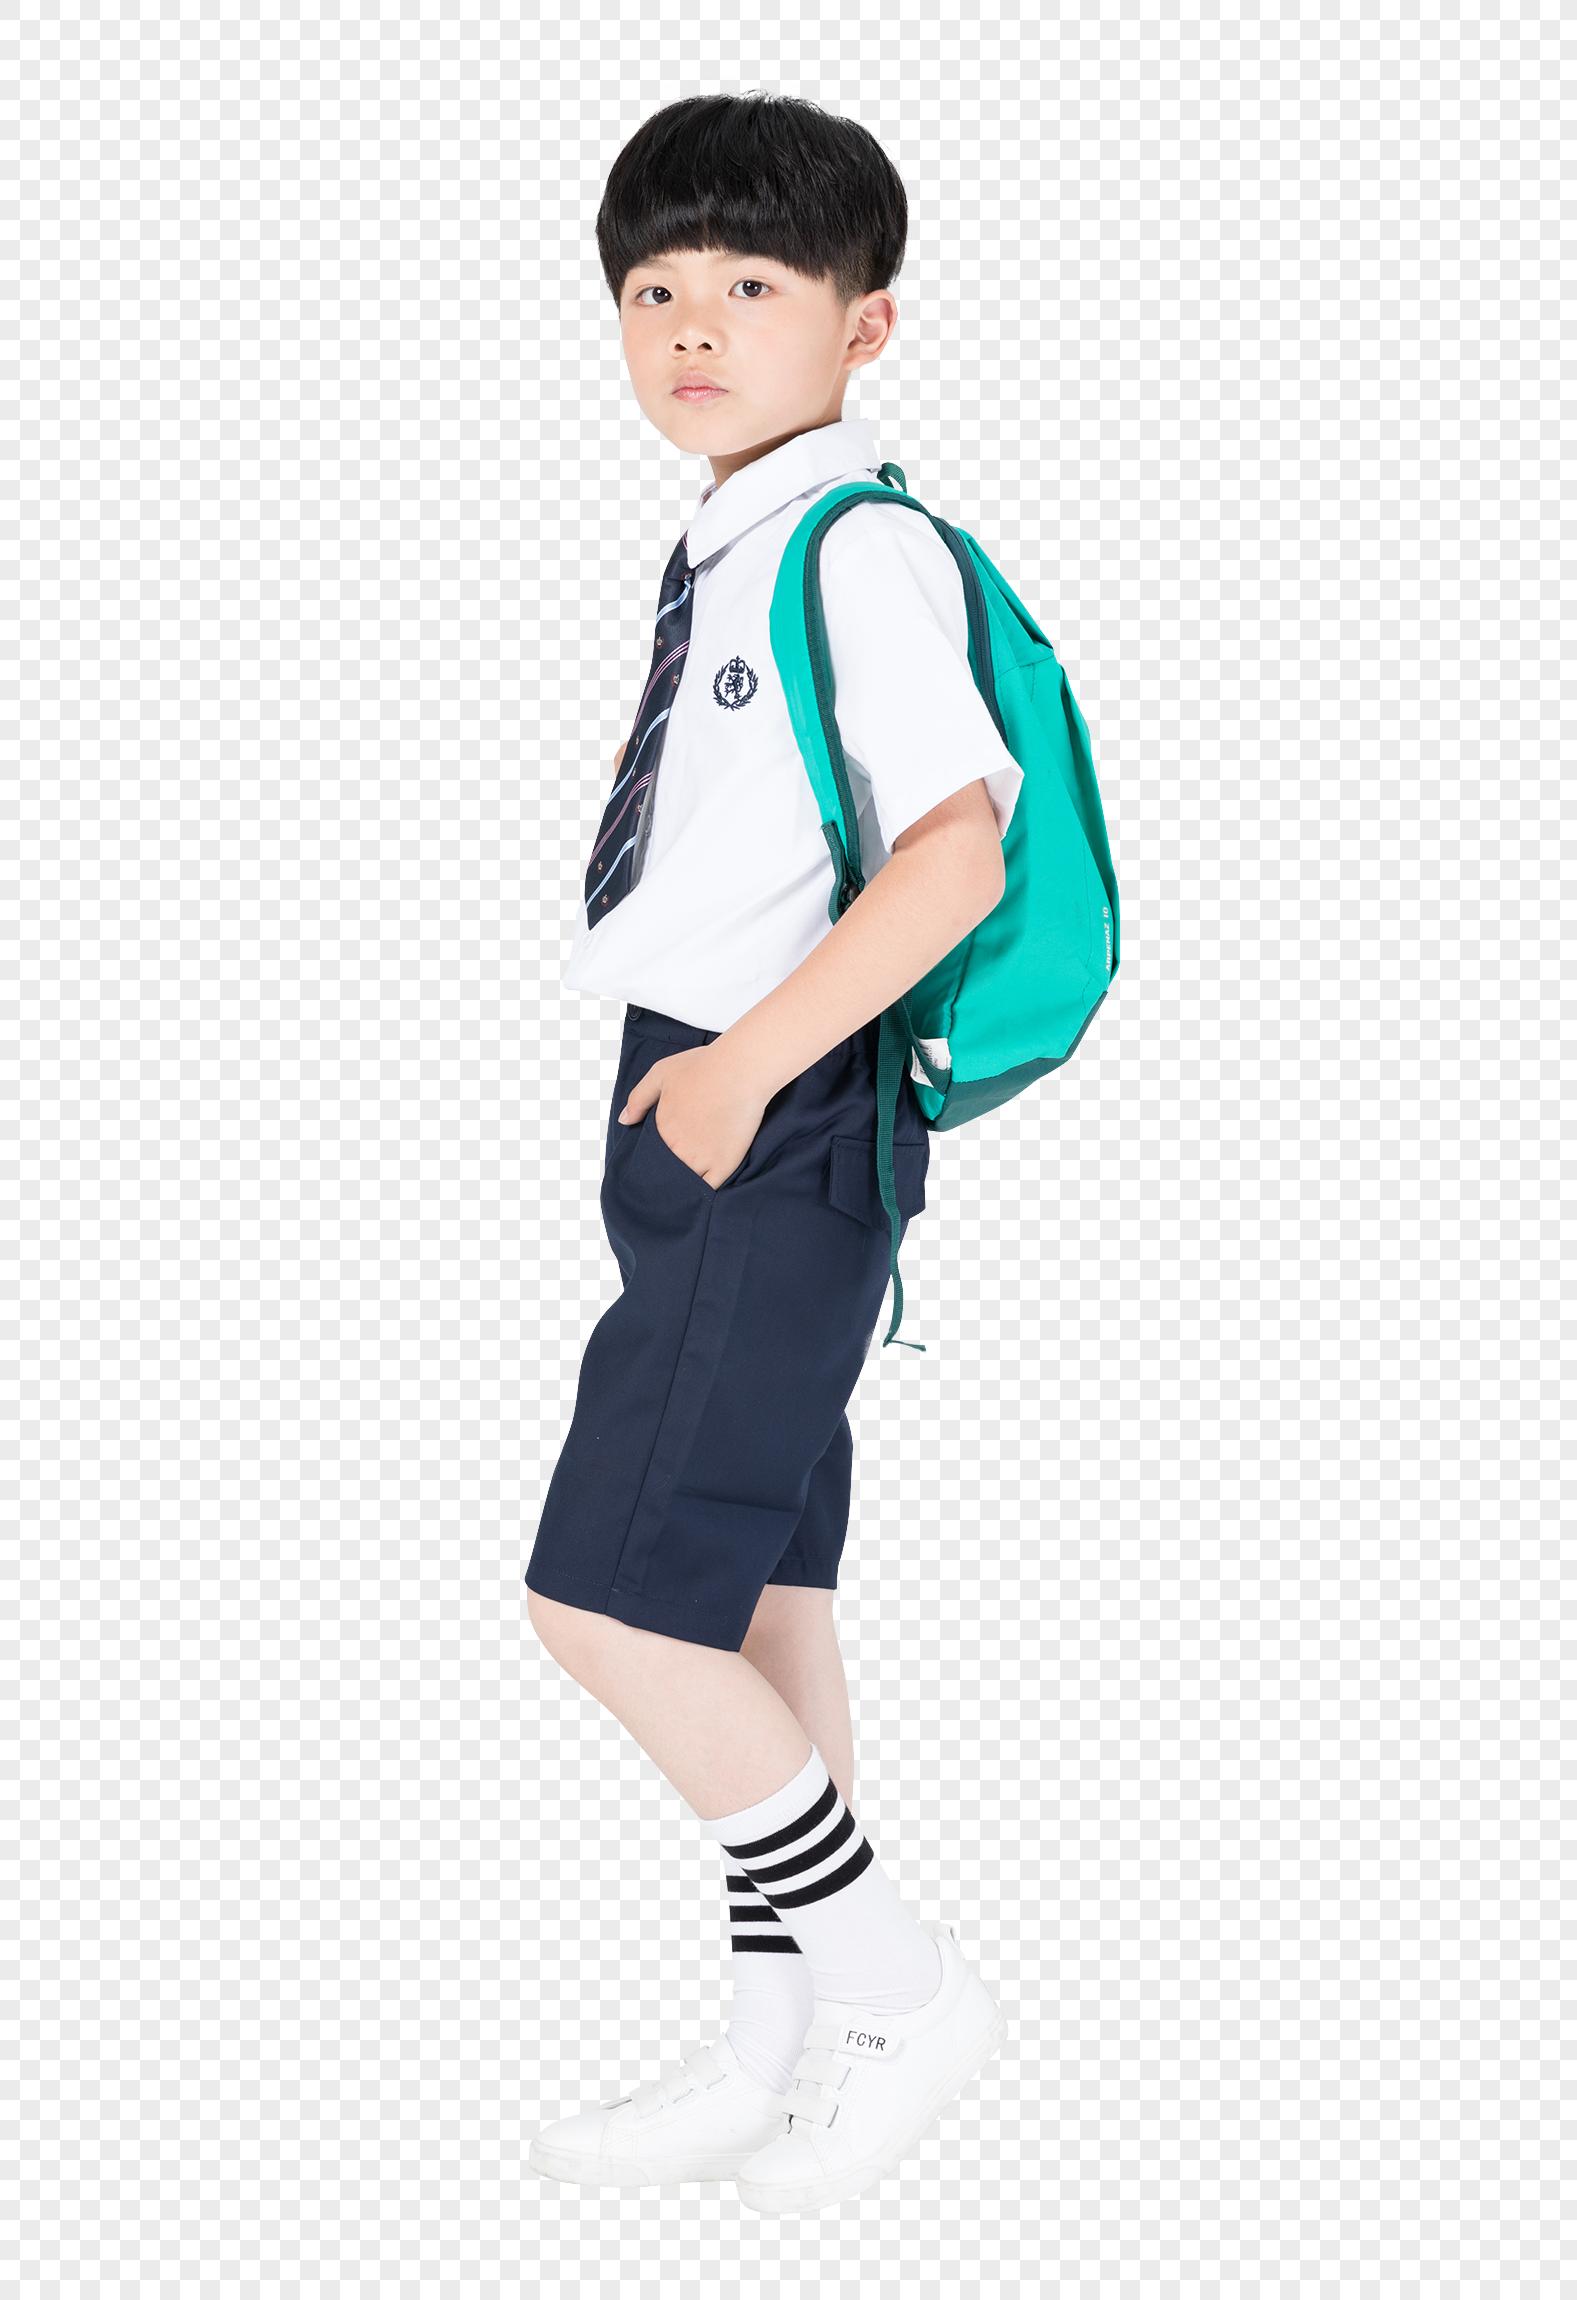 背着书包准备上学的小男生男孩